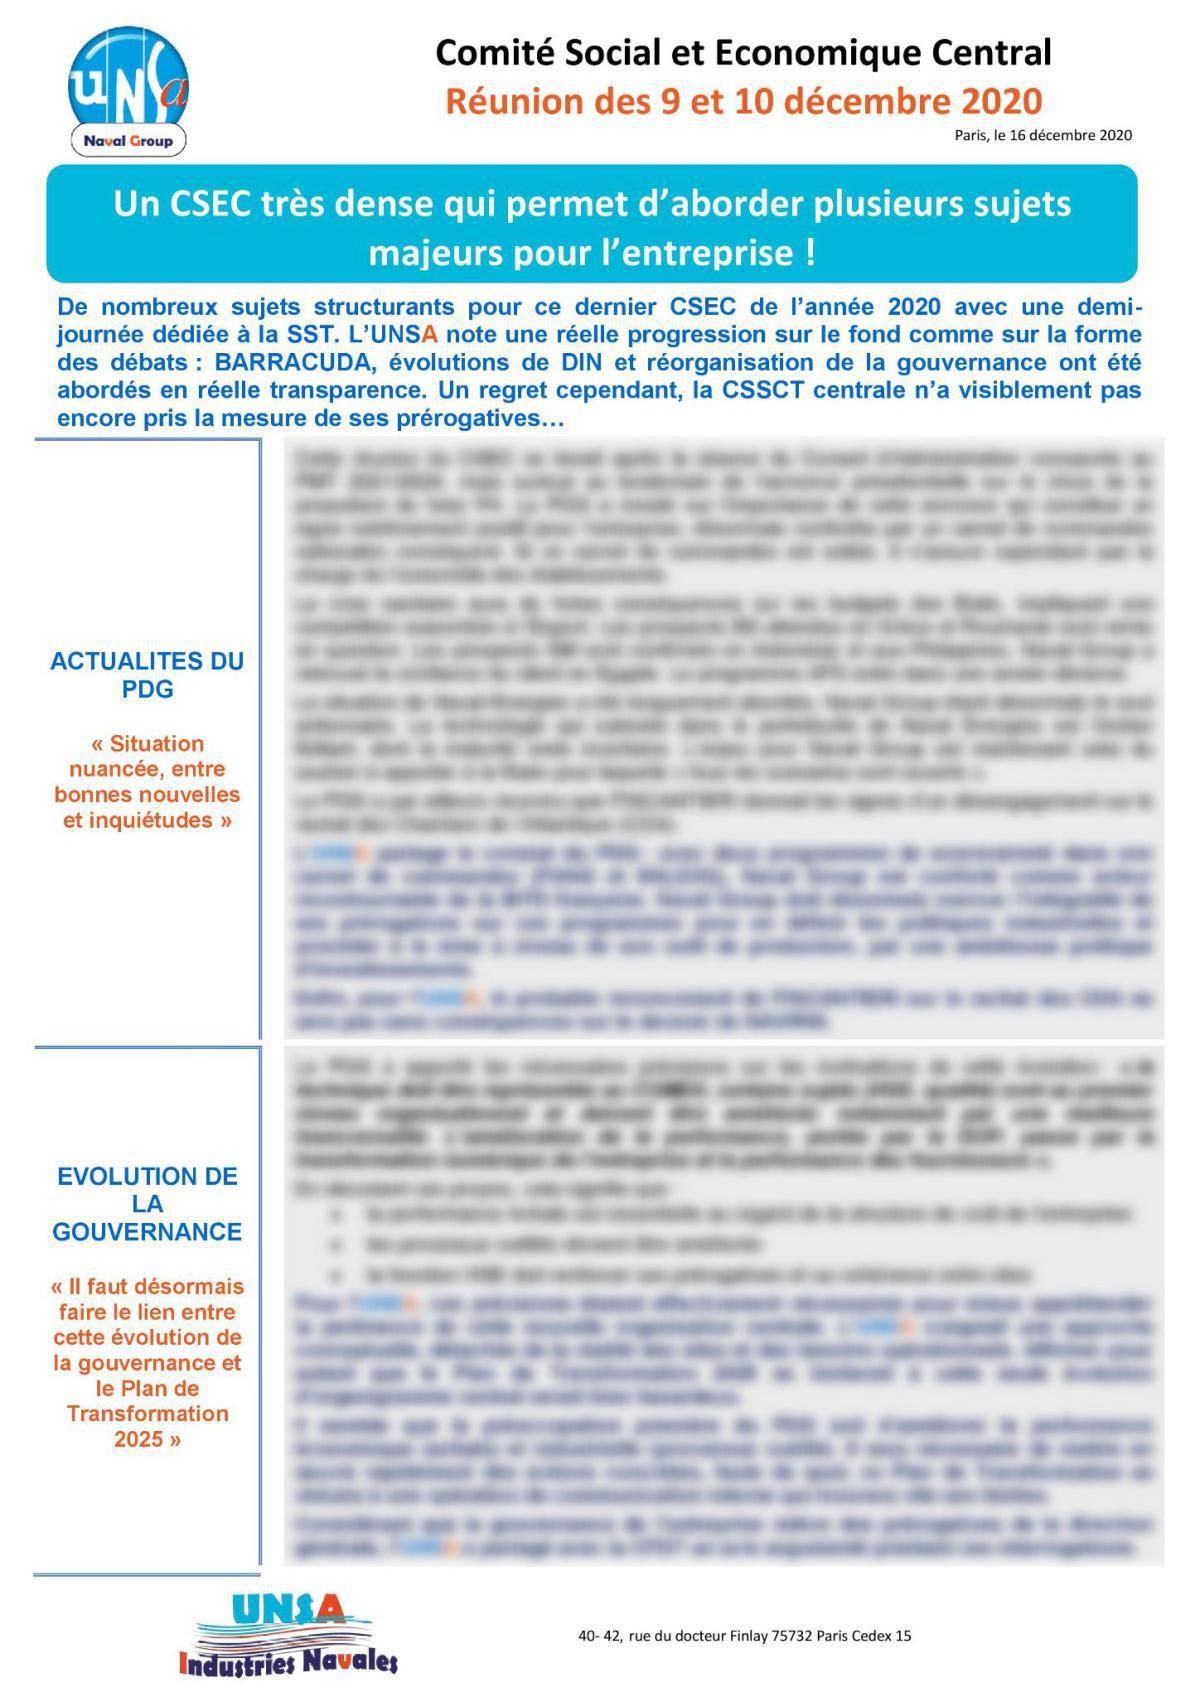 Réunion des 9 et 10 décembre 2020 - compte-rendu